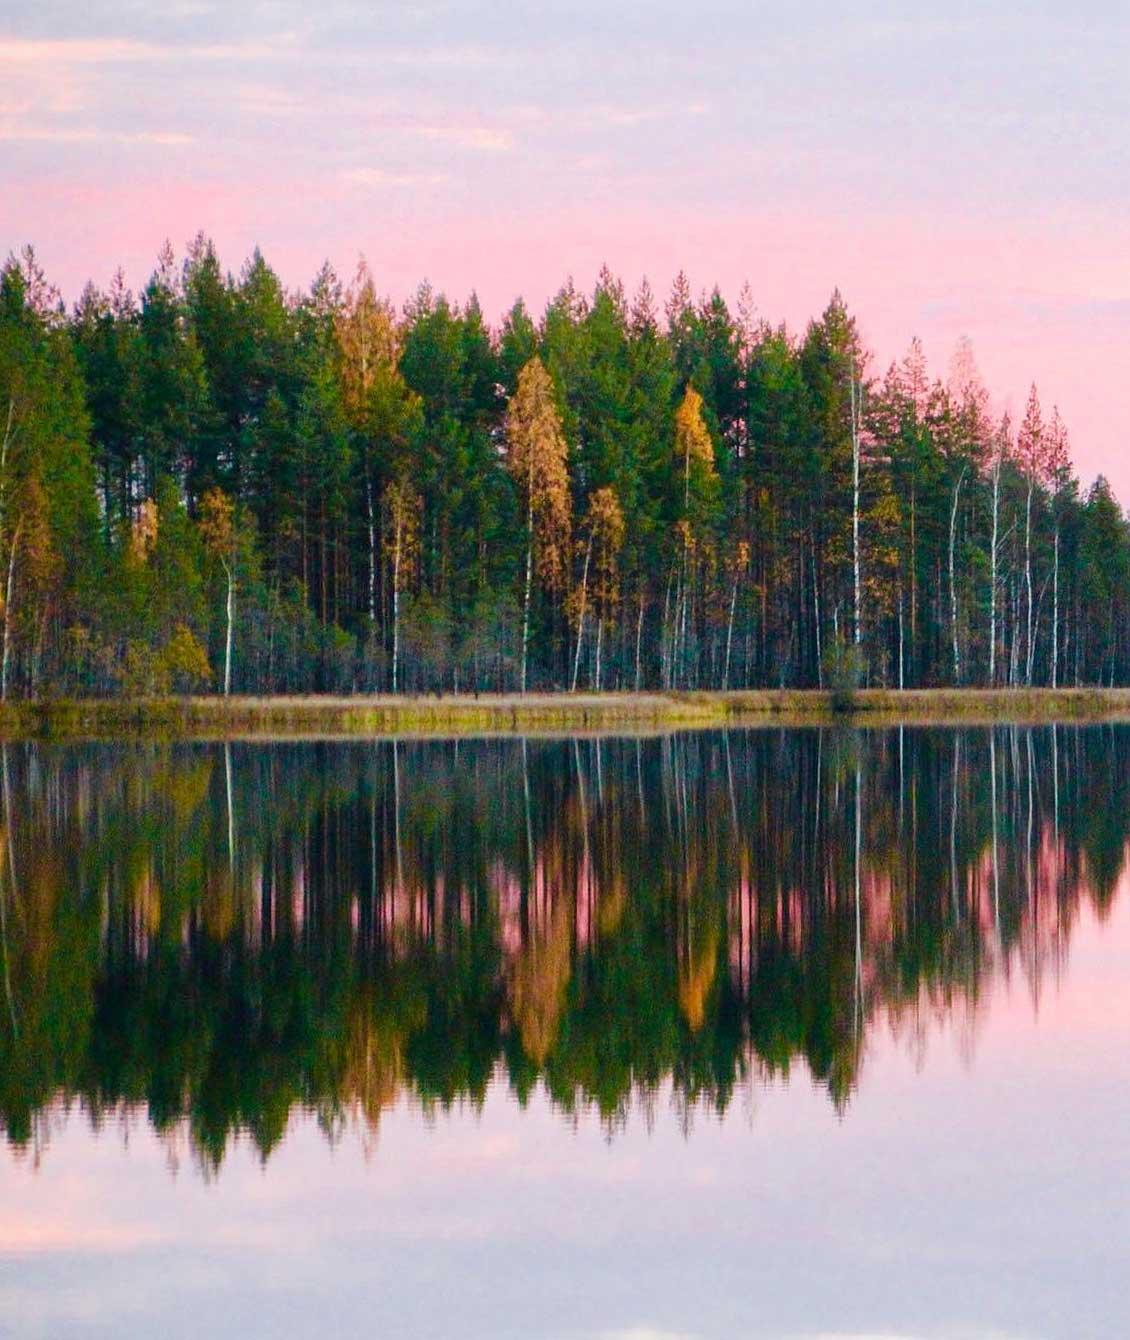 Pieksäwood on suomalainen perheyritys, jonka juuret ovat syvällä suomalaisessa metsässä: puutuotteiden valmistus on aloitettu yli 80 vuotta sitten.